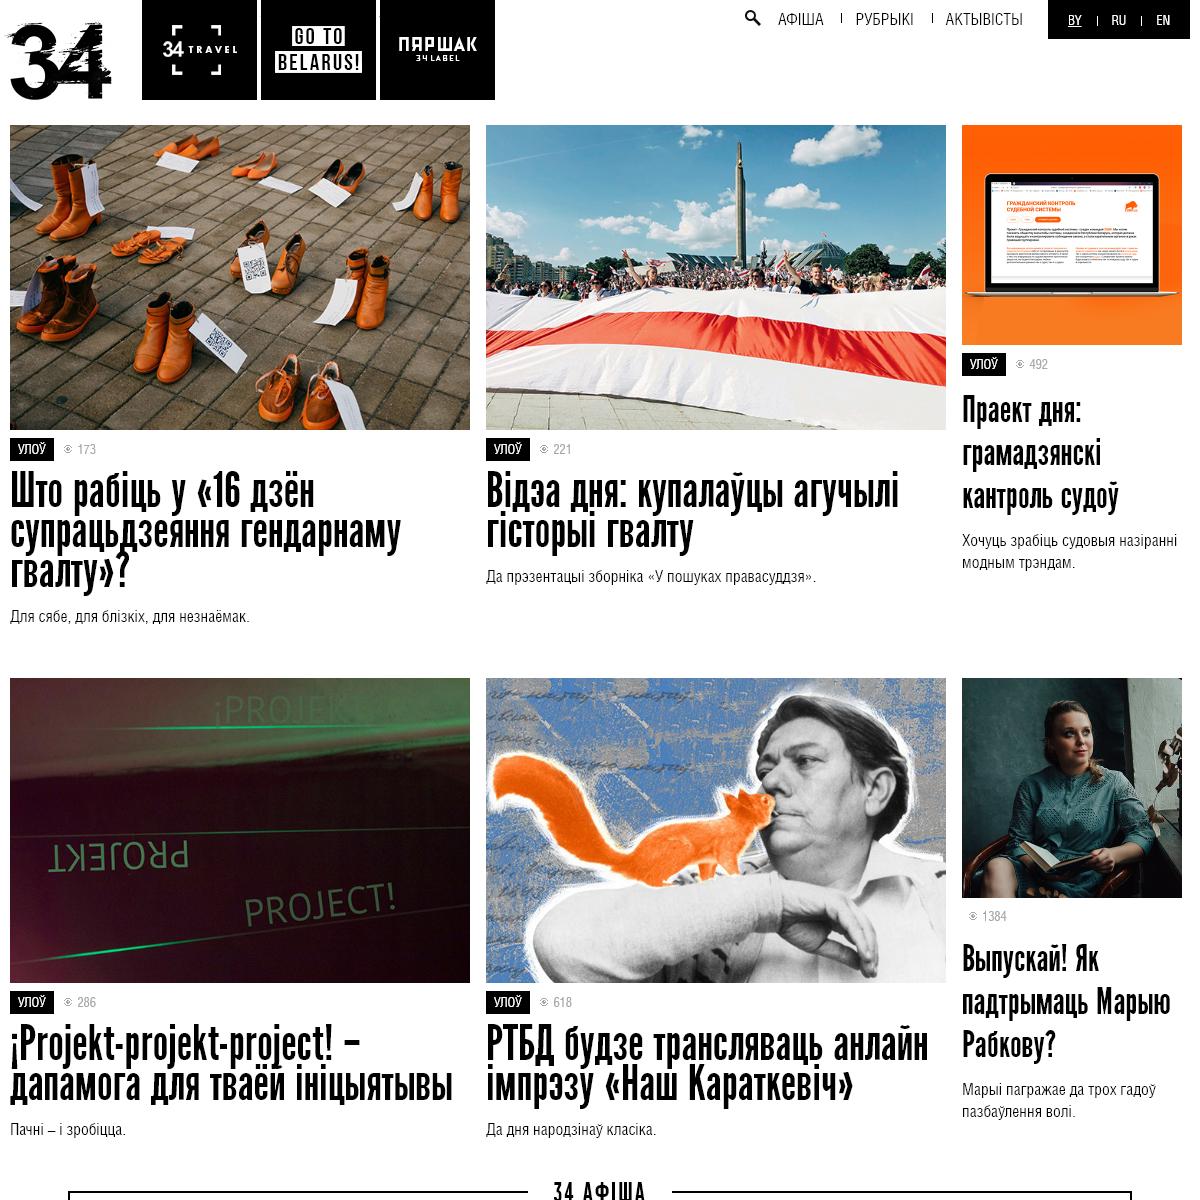 34mag.net – інтэрнэт-часопіс з Беларусі